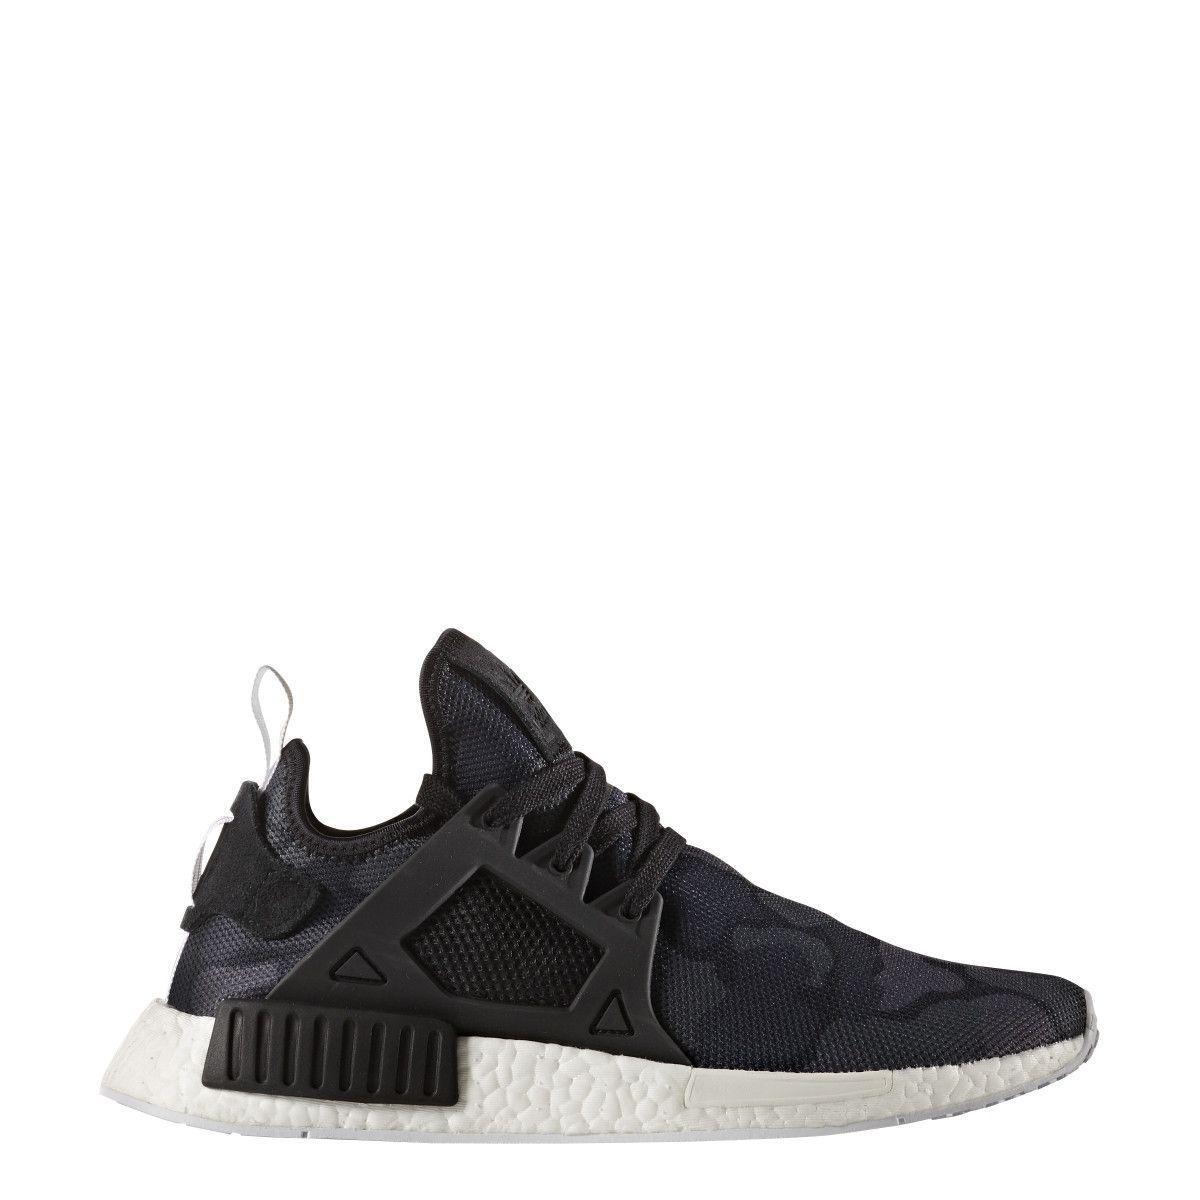 NMD_XR1 Primeknit sneakers